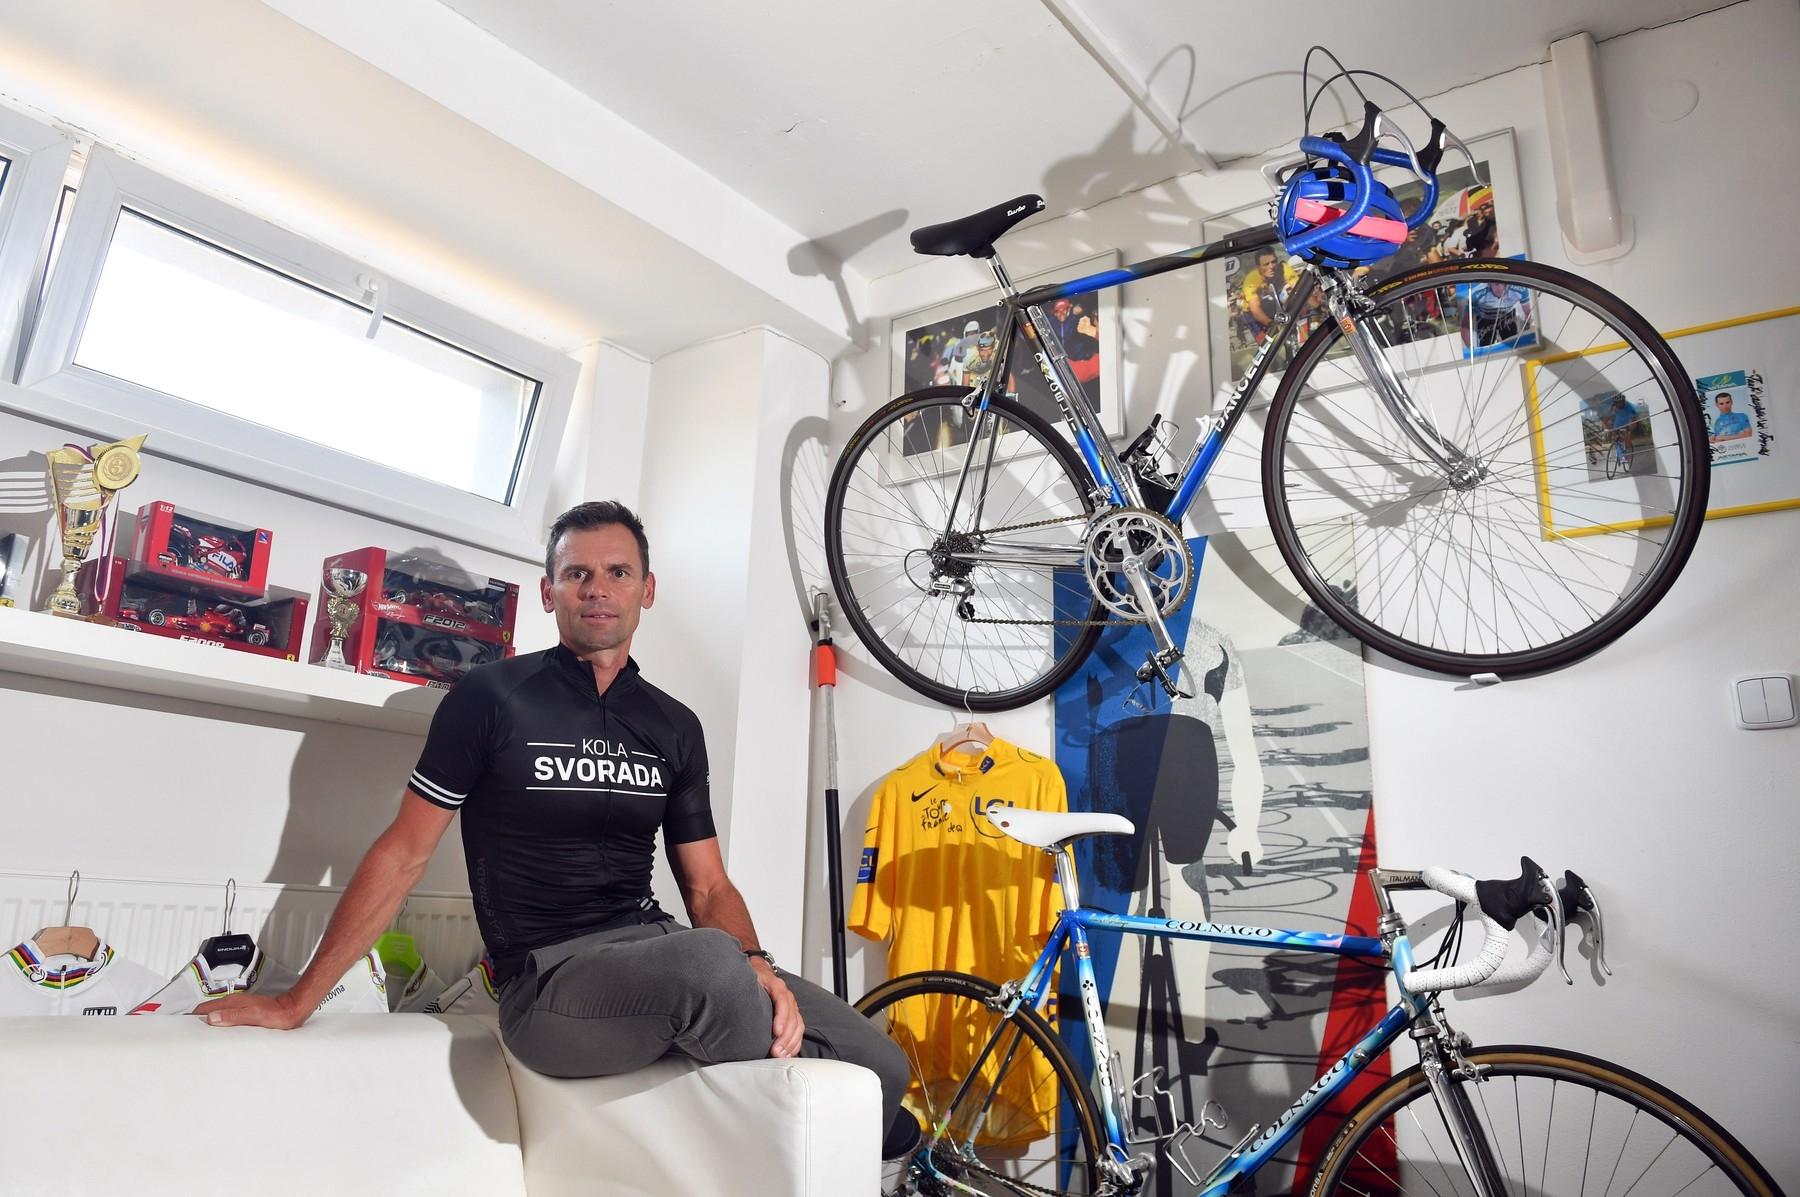 Ján Svorada, vítěz tří etap na Tour de France. Foto: Michal Beránek/CNC /Profimedia